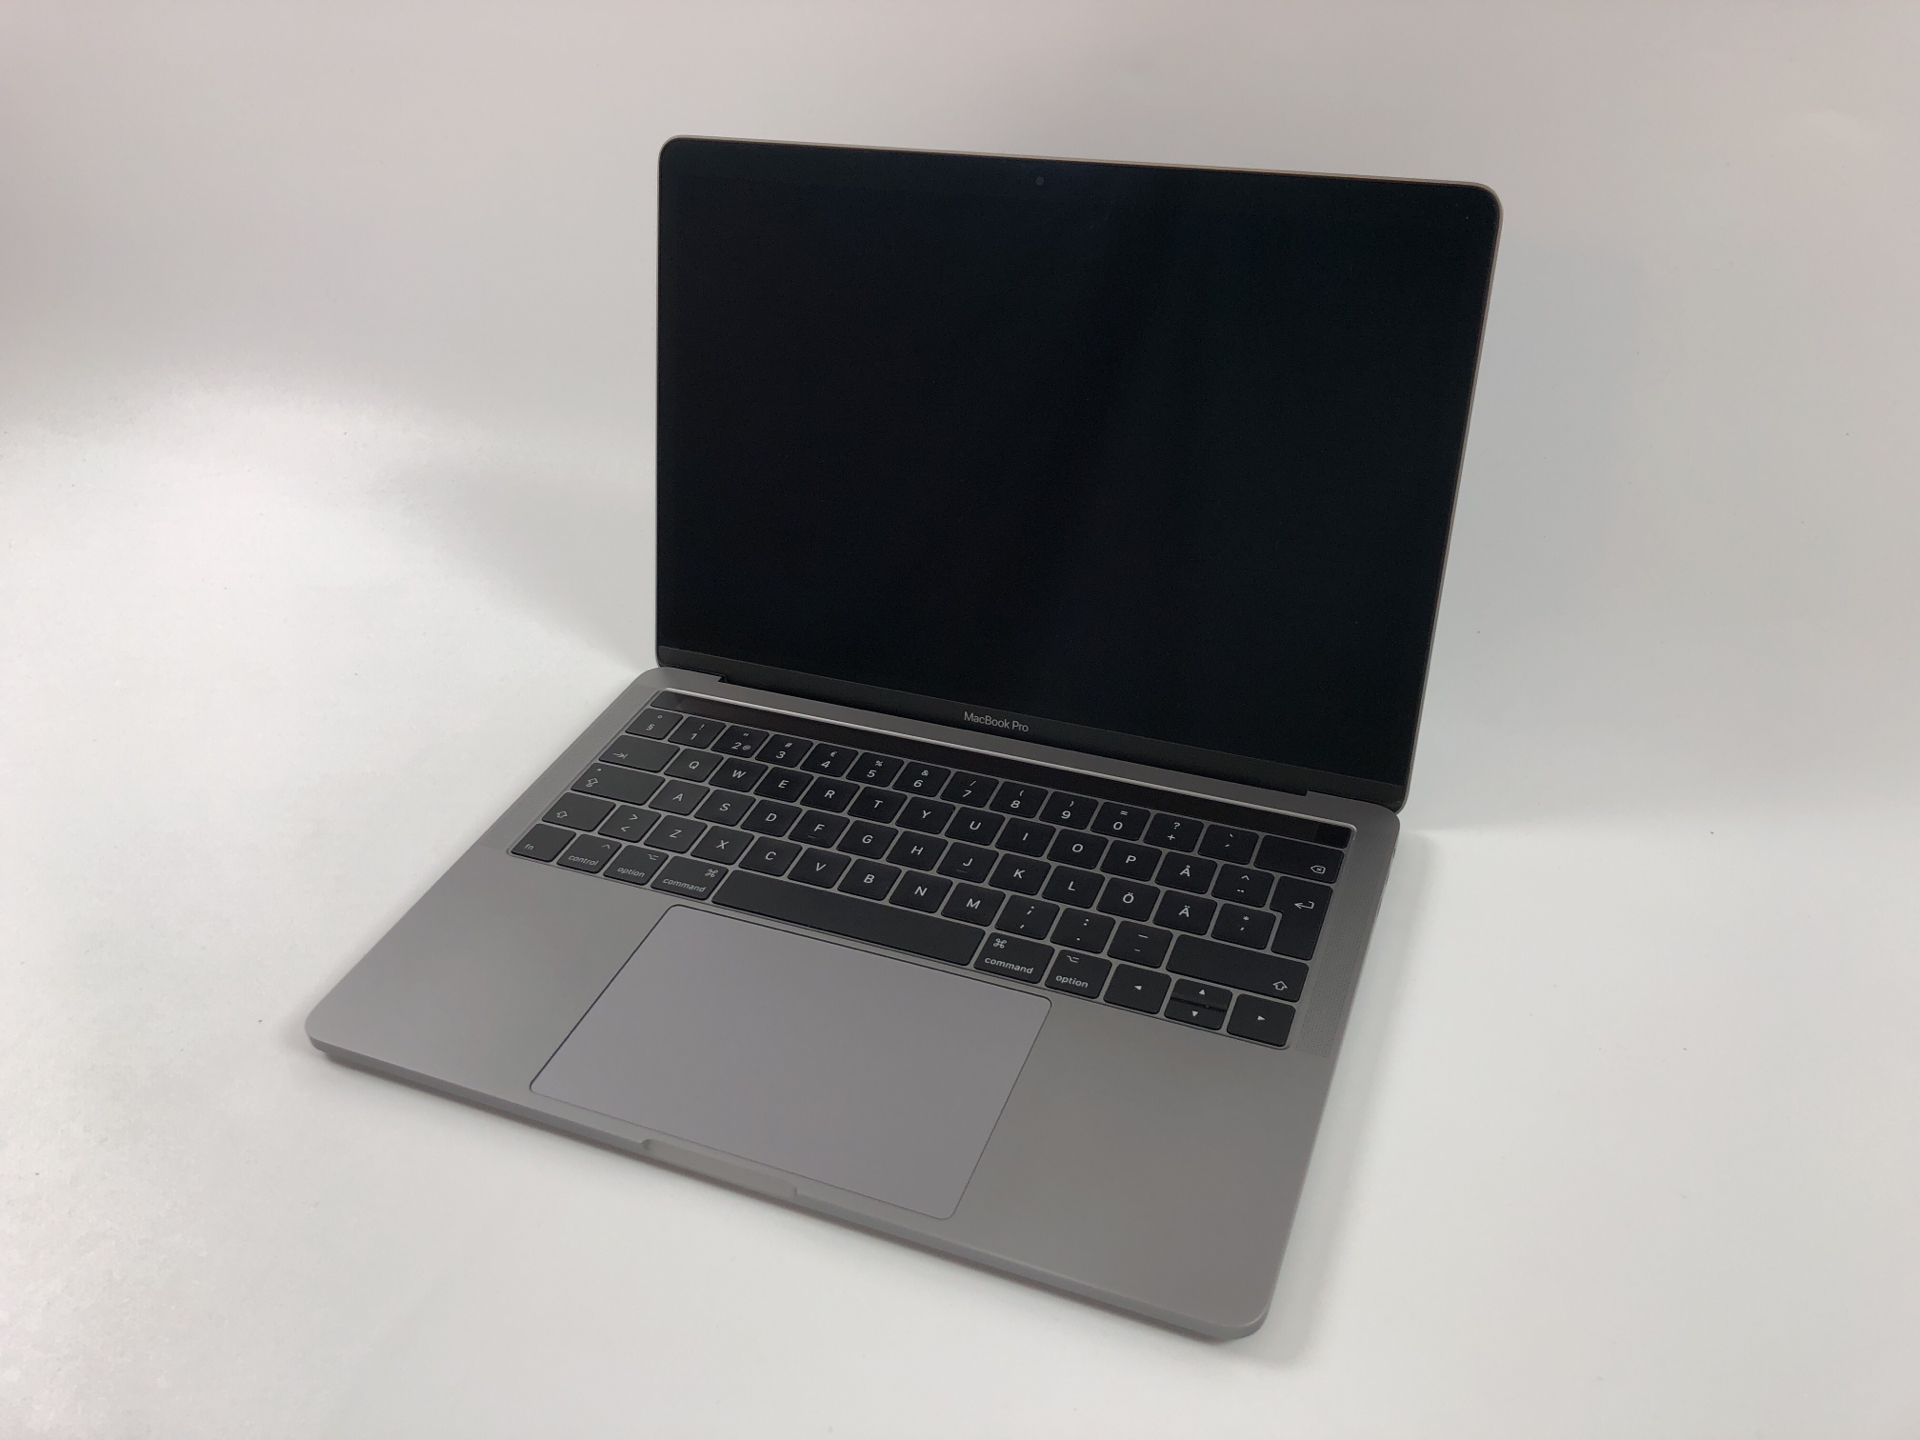 """MacBook Pro 13"""" 4TBT Mid 2017 (Intel Core i5 3.1 GHz 8 GB RAM 256 GB SSD), Space Gray, Intel Core i5 3.1 GHz, 8 GB RAM, 256 GB SSD, bild 1"""